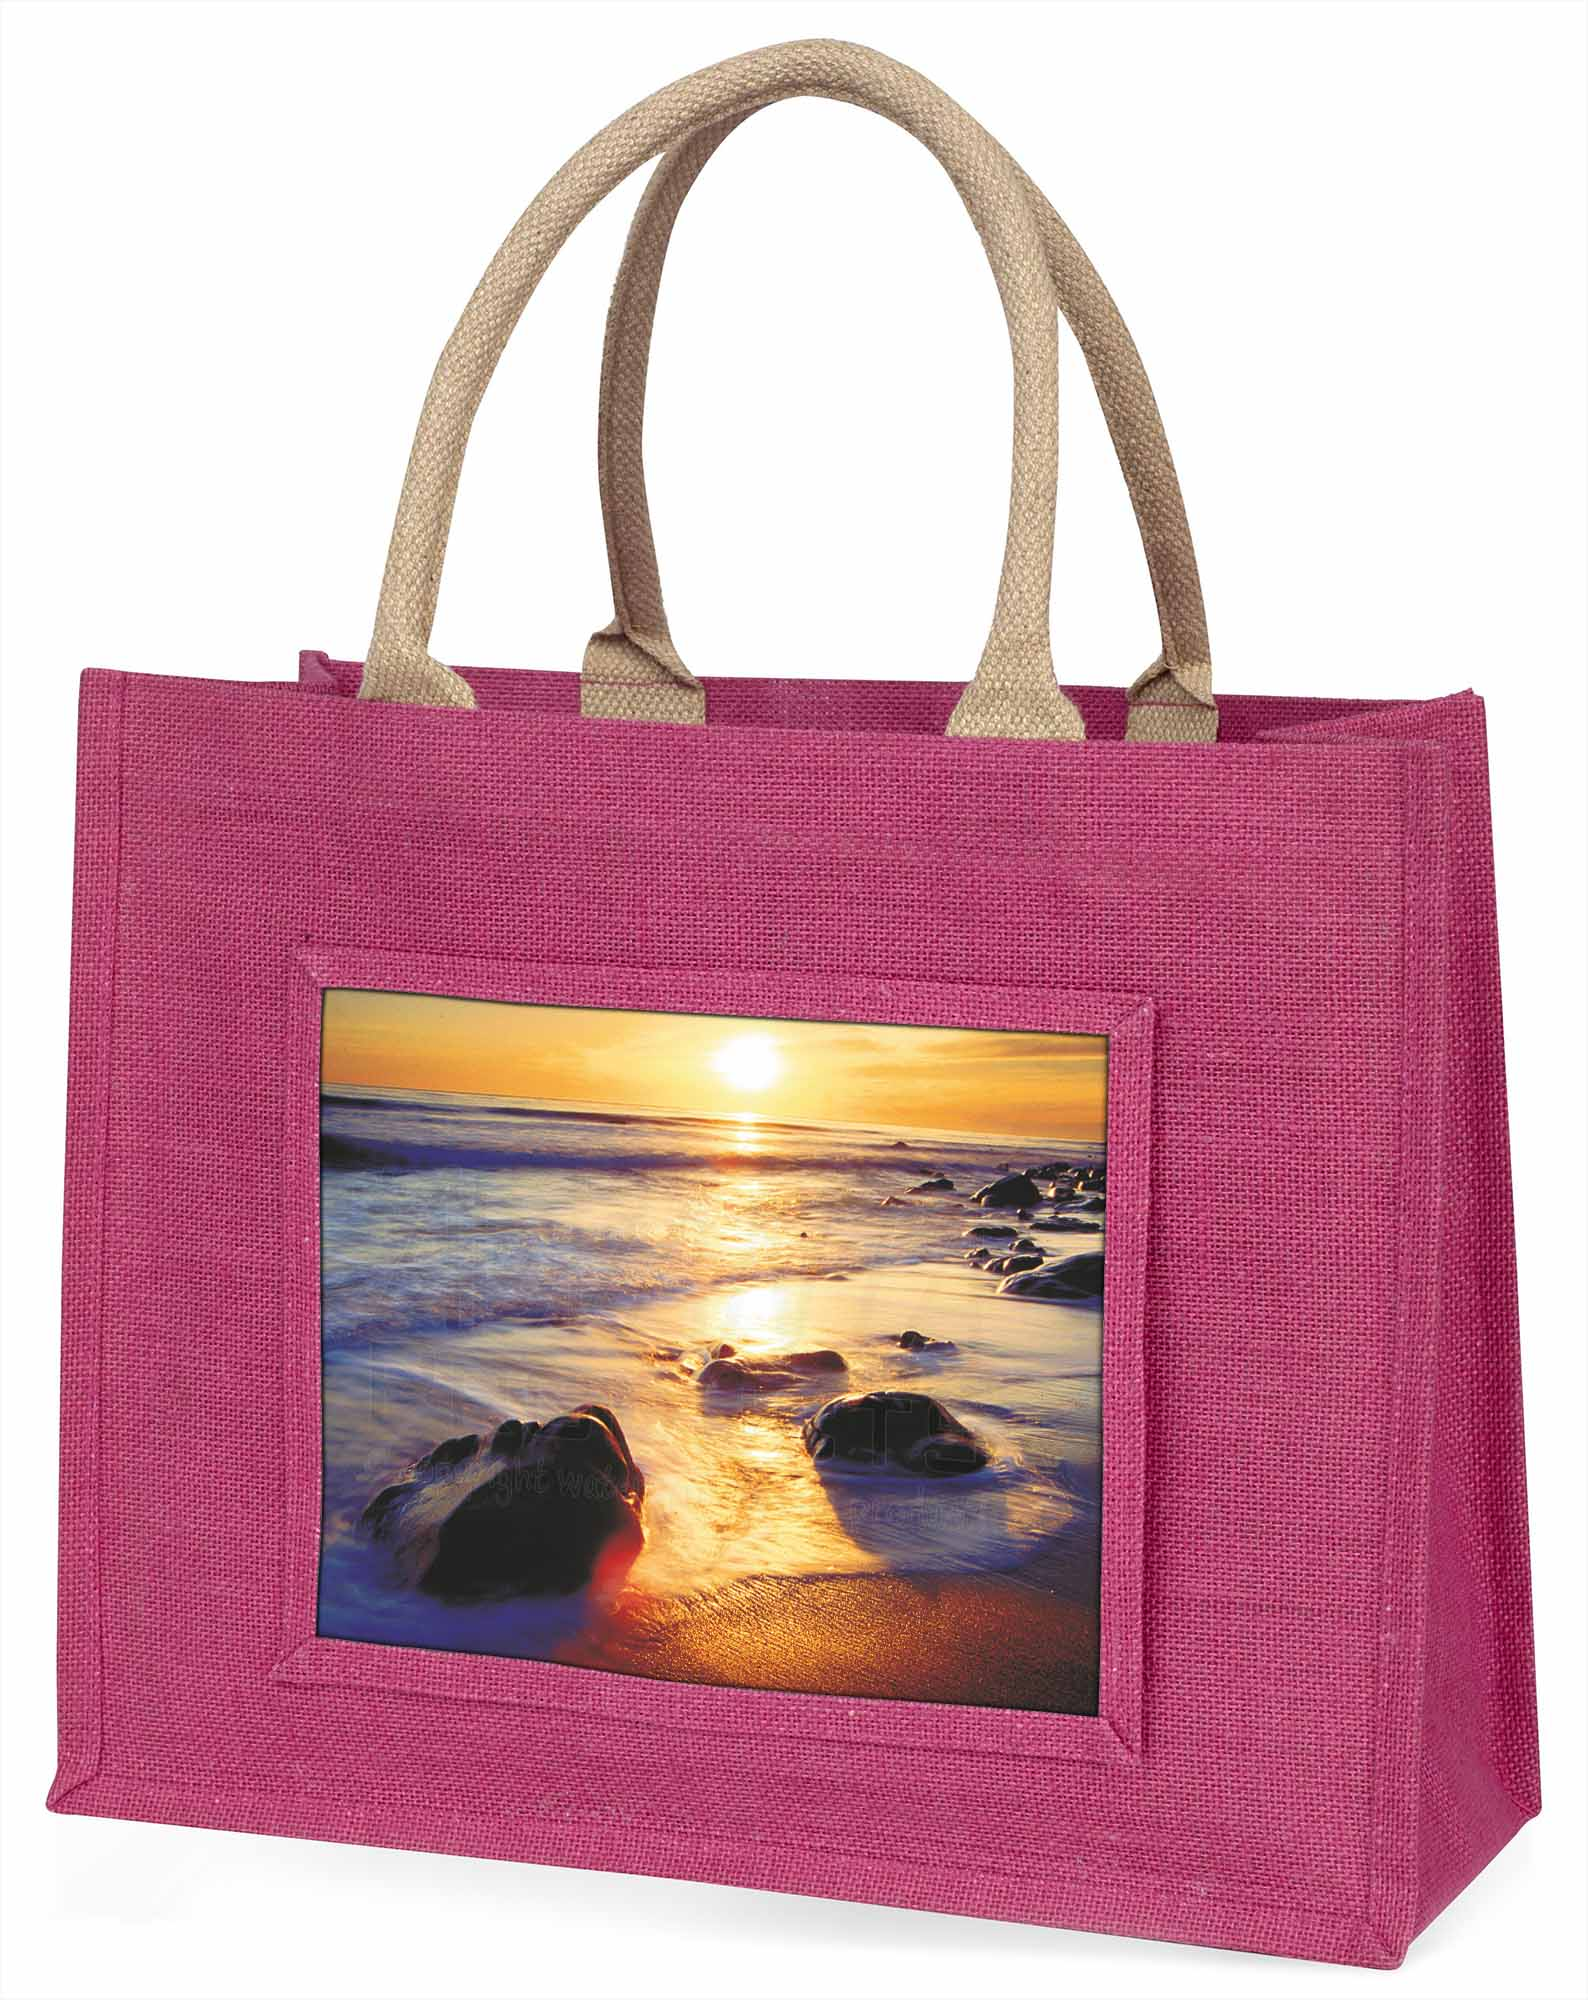 Abgeschieden Sonnenuntergang Strand große rosa Einkaufstasche